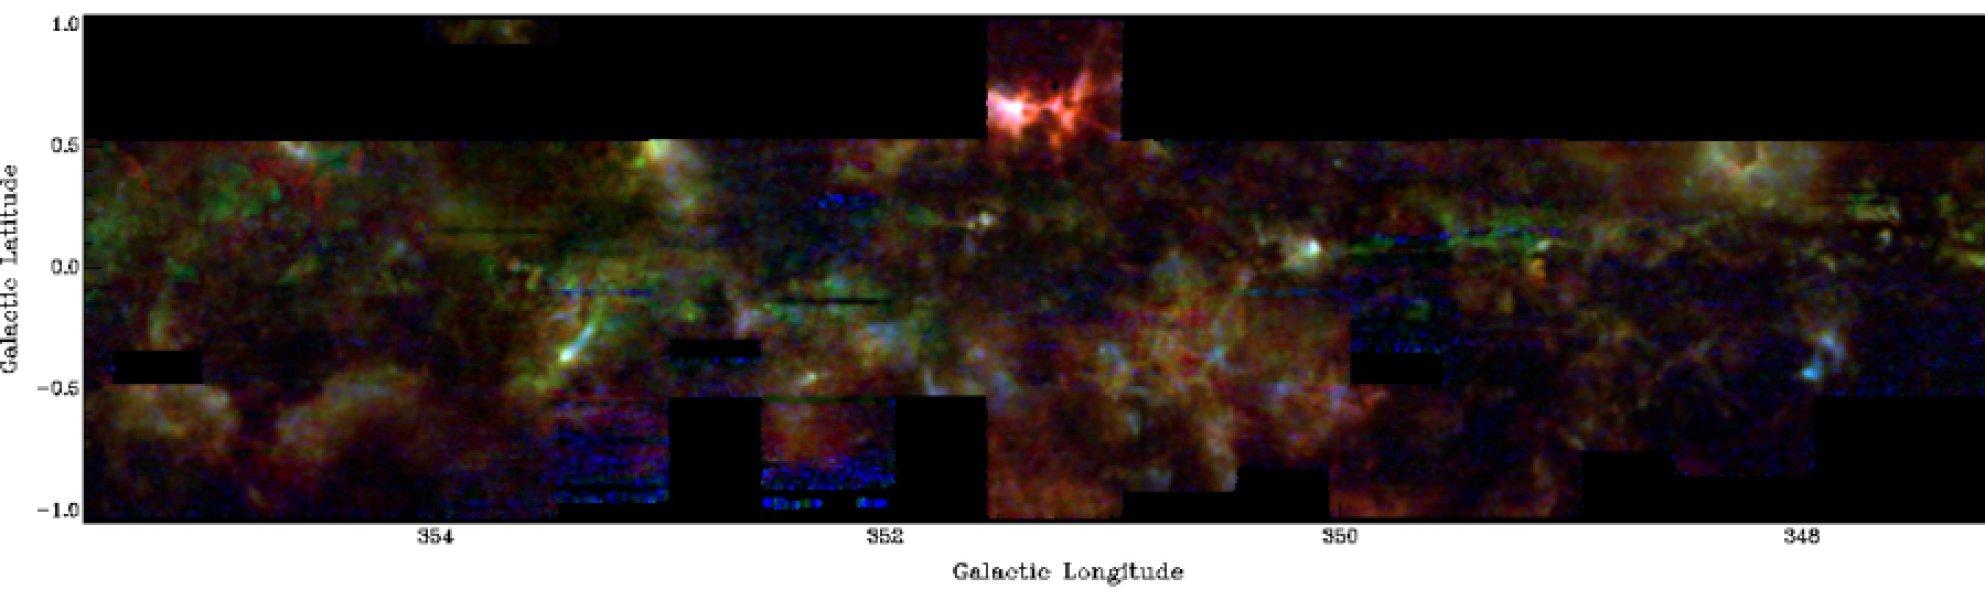 La nuova mappa della Via Lattea. Ed è solo l'inizio di una ricerca che può dare risultati molto più accurati e quantitativi. In questa versione, relativa a una certa zona (settore 348), il 12CO è in rosso, il  13CO in verde il C18O in blu.  Fonte: The Three-mm Ultimate Mopra Milky Way Survey (ThrUMMS).